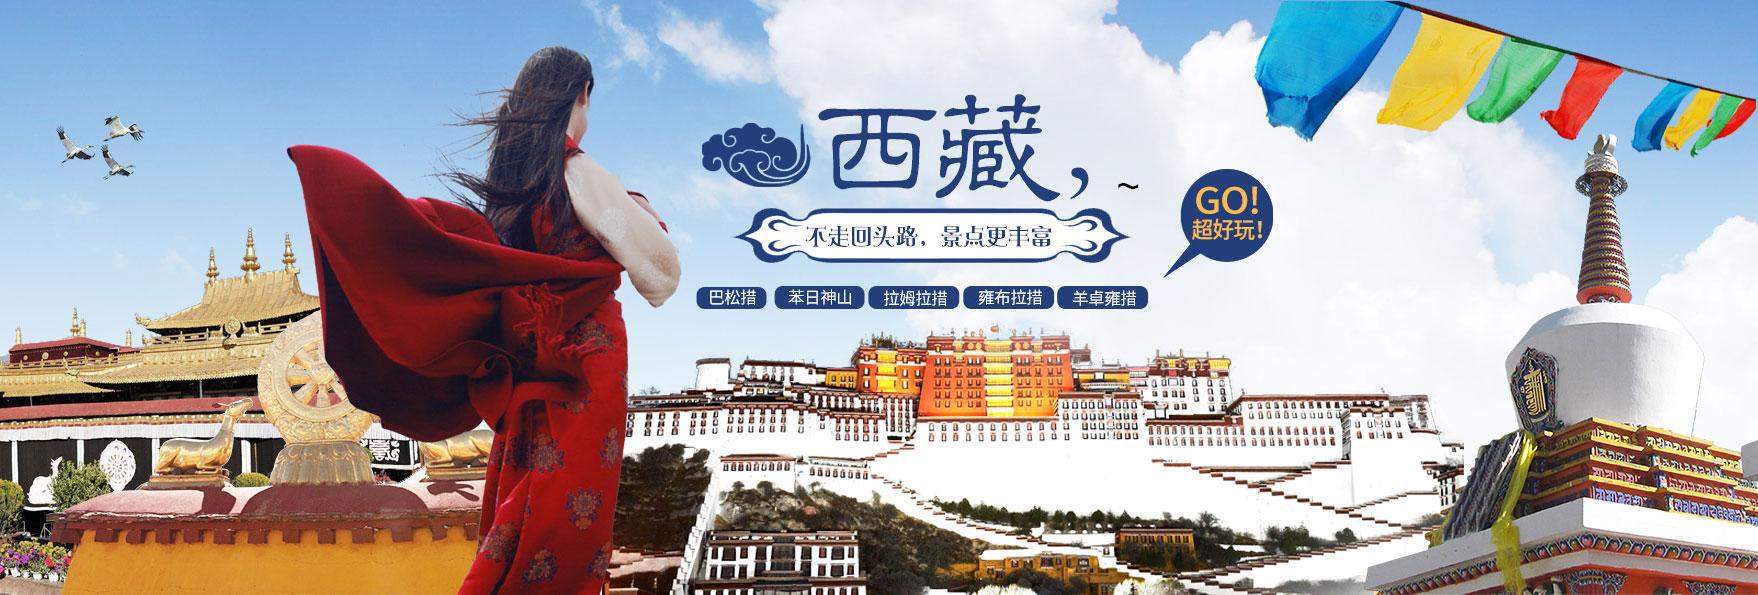 西藏,不走回头路,景点更丰富